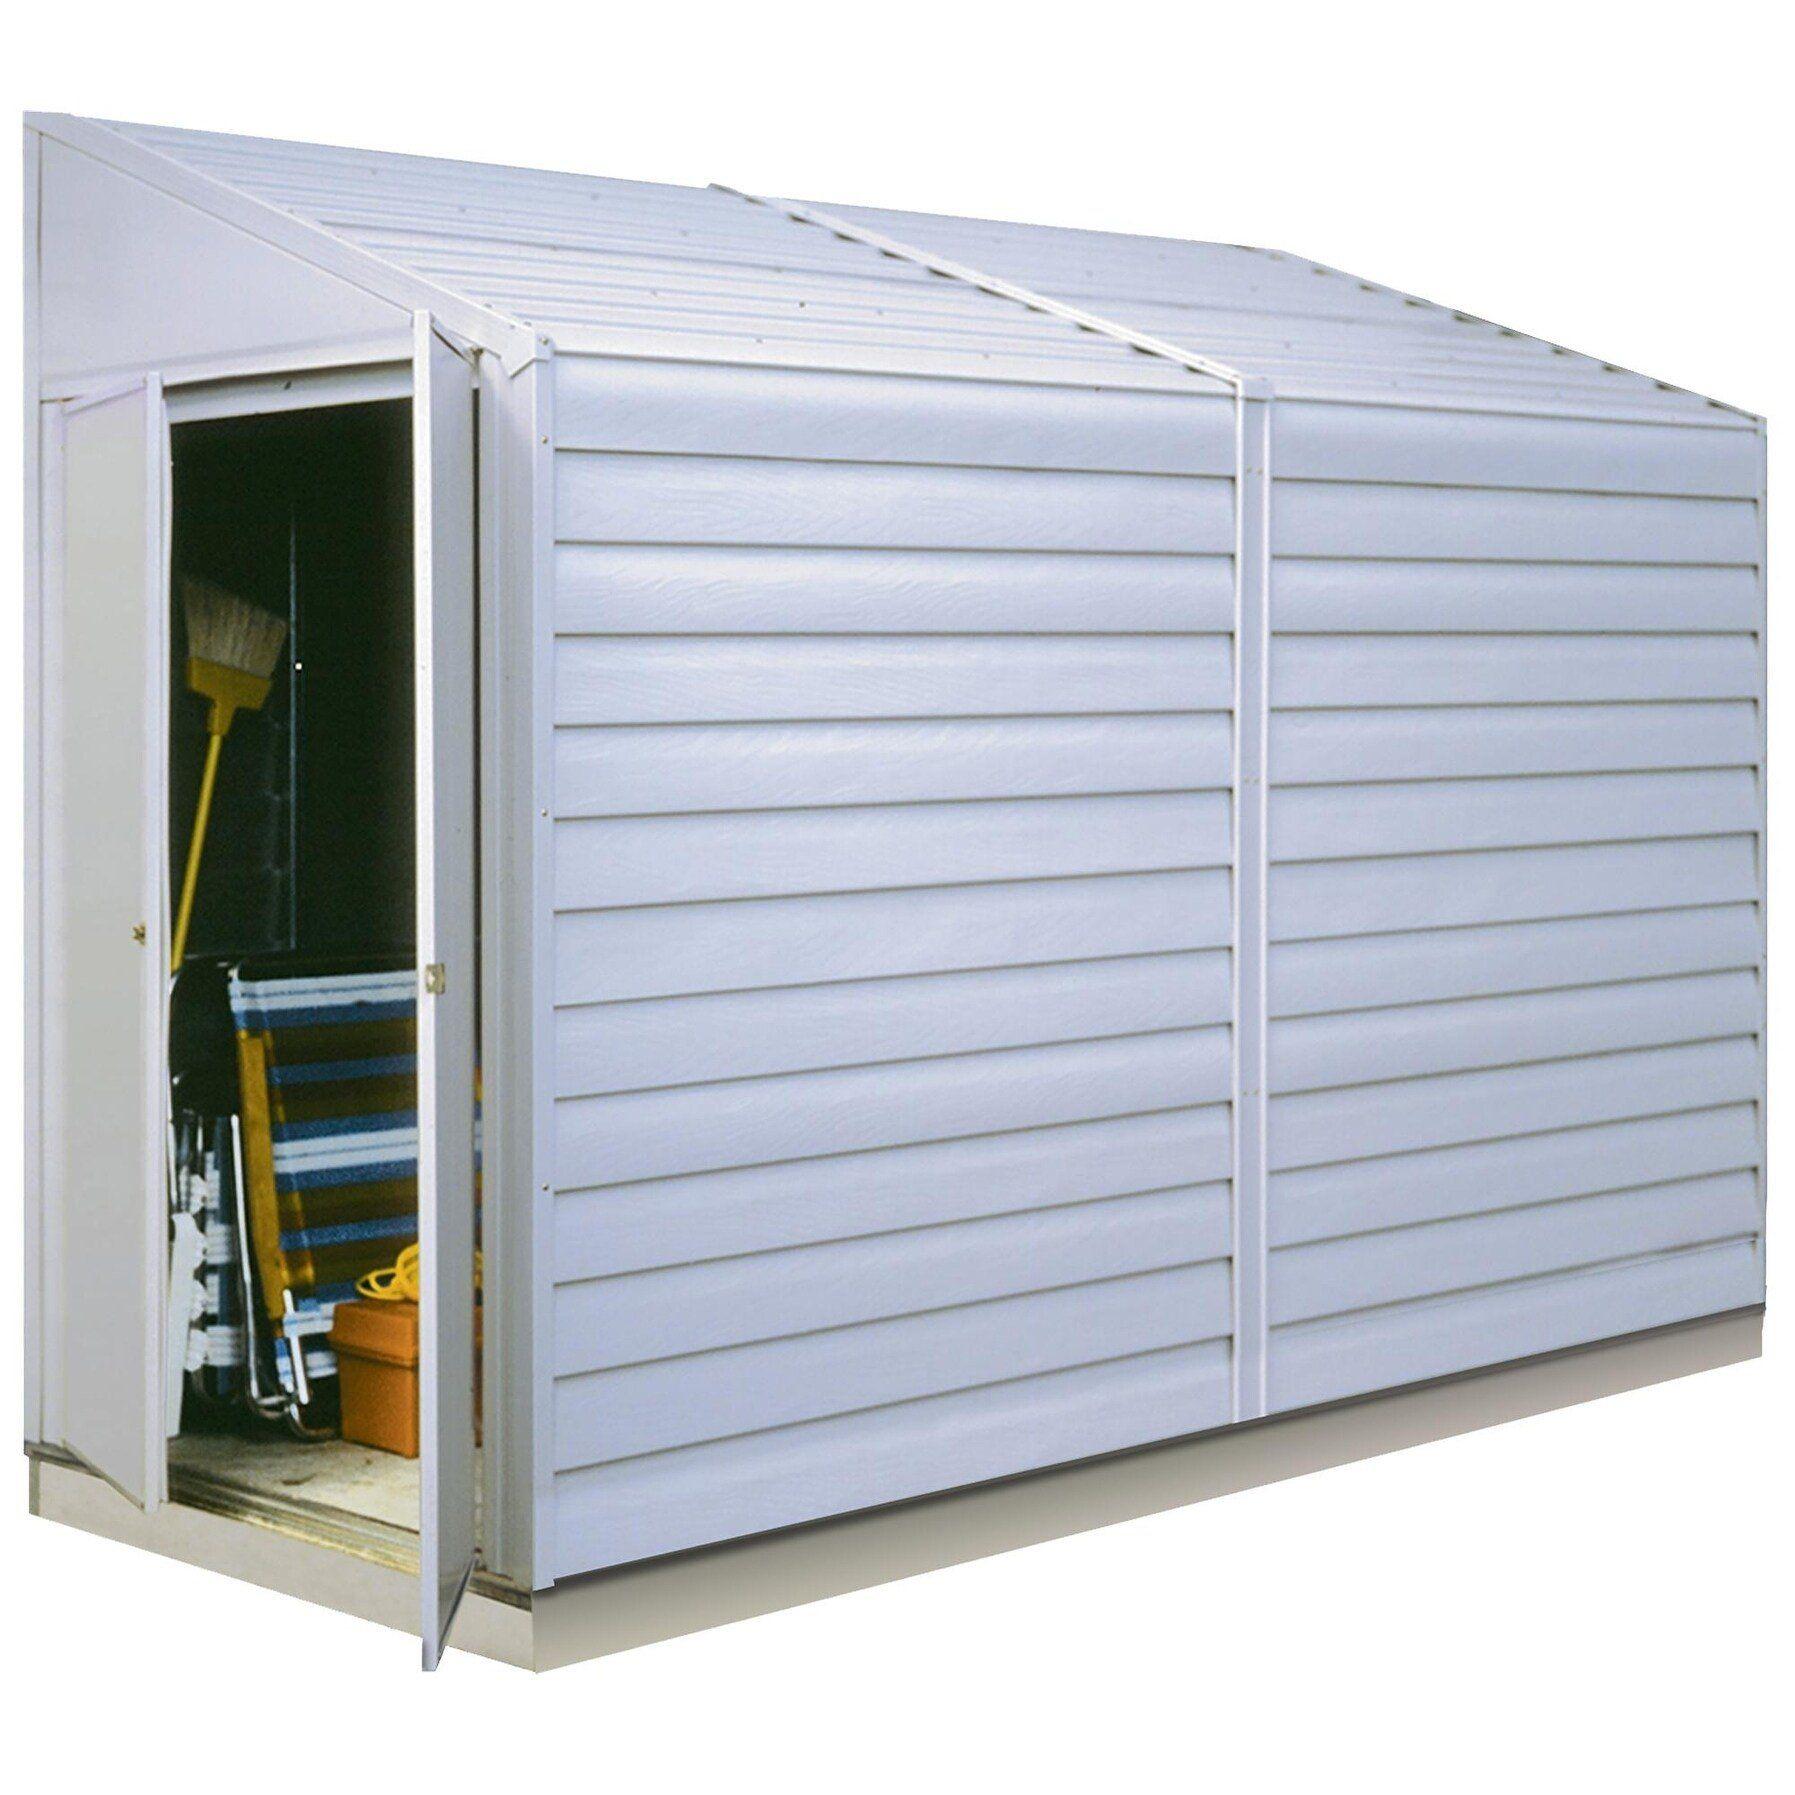 Yardsaver 4 X 10 Ft Steel Storage Shed Pent Roof Eggshell Walmart Com In 2020 Steel Storage Sheds Metal Storage Sheds Outdoor Storage Sheds